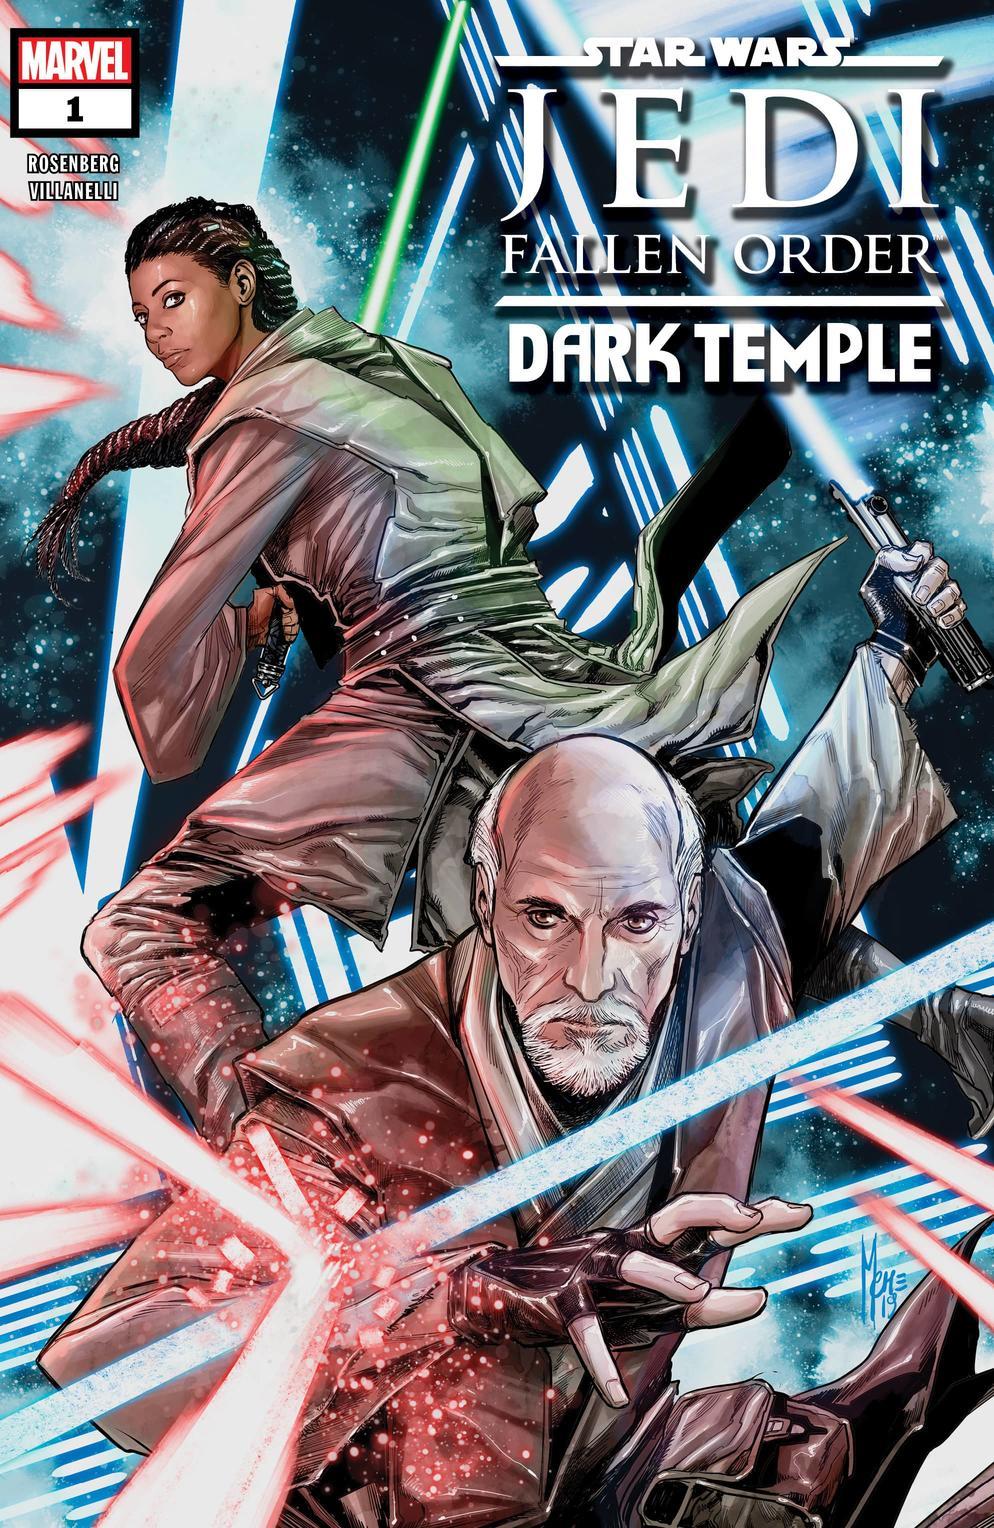 Star Wars: Jedi Fallen Order - Dark Temple #1, copertina di Marco Checchetto